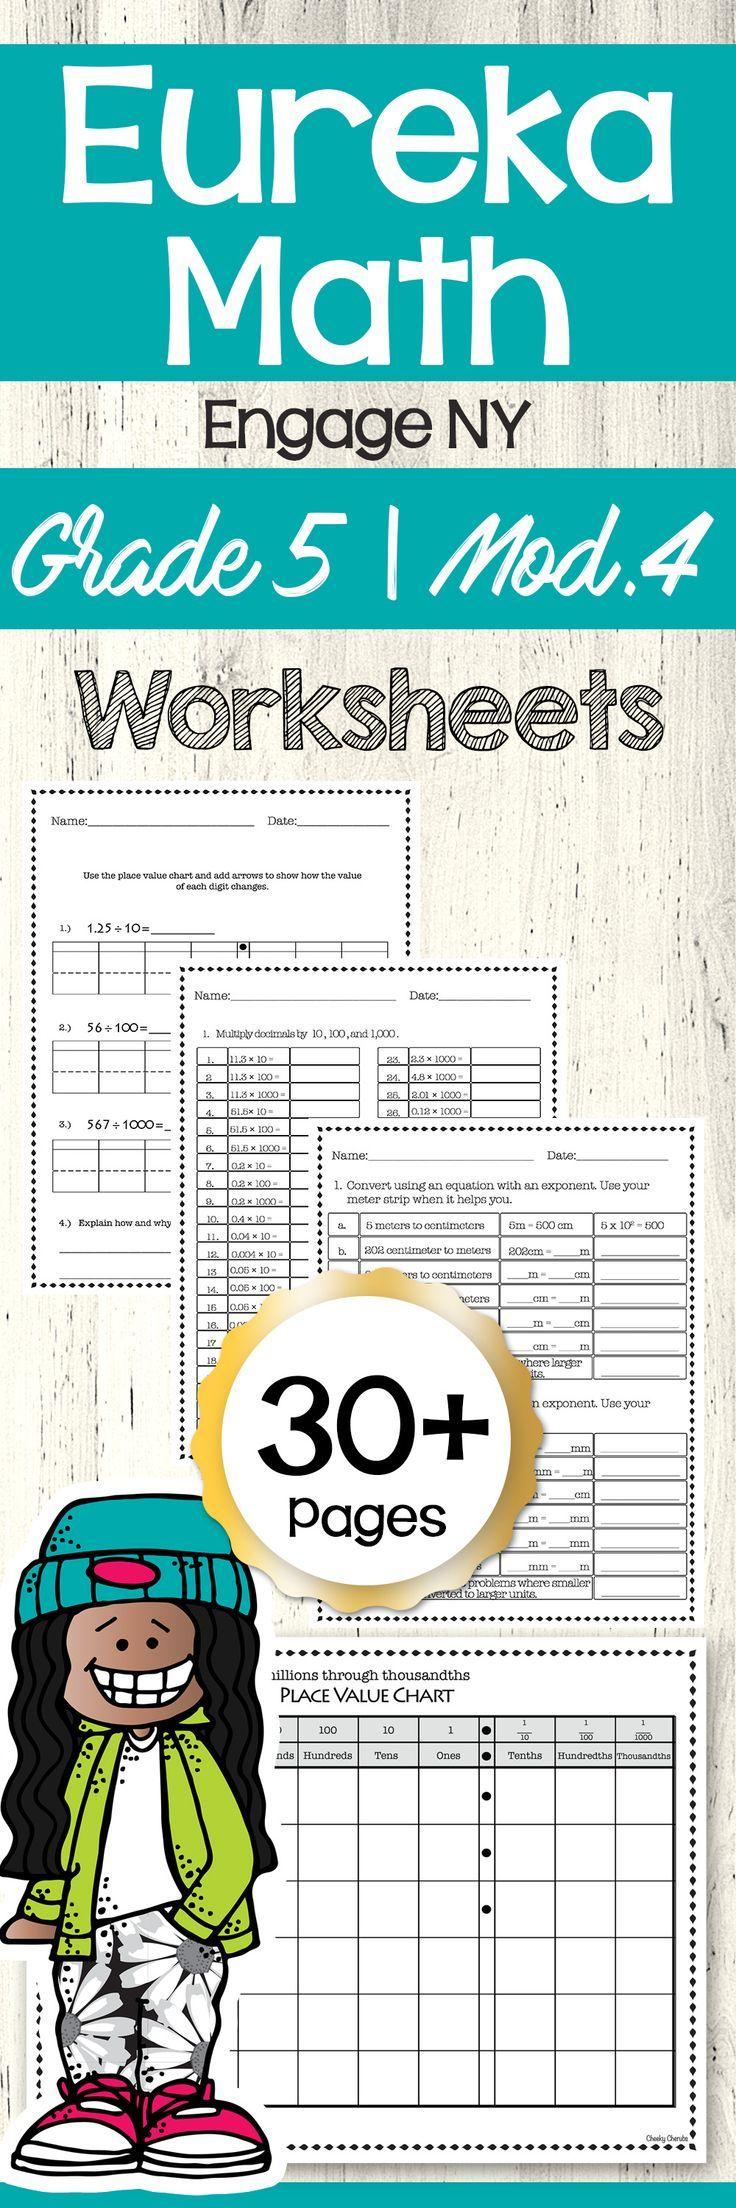 Eureka Math Engage Ny 5th Grade Extra Worksheets Module 4 Eureka Math Math Math Worksheets [ 2208 x 736 Pixel ]